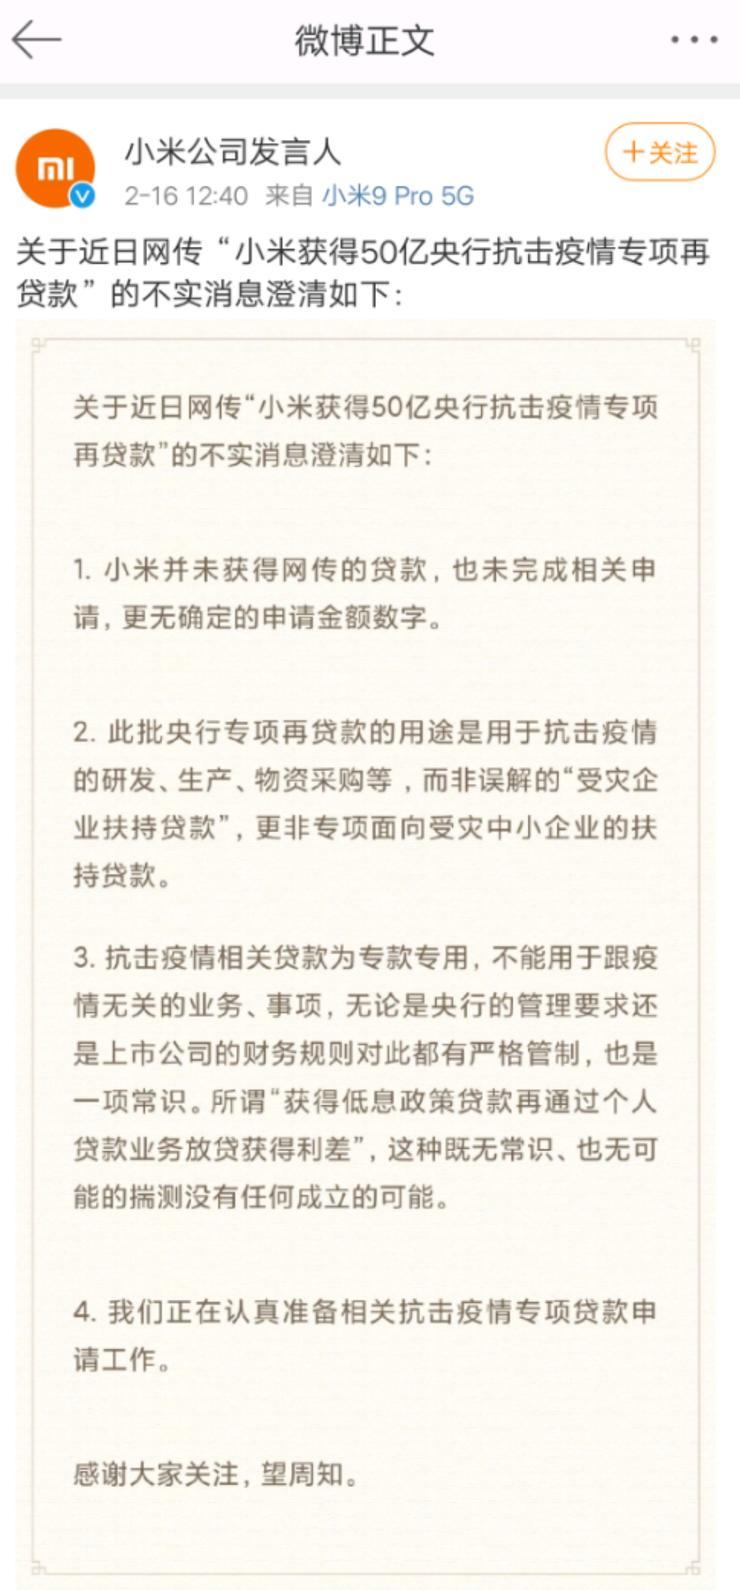 北京马拉松新纪录超过百万网友参与讨论了这件事情